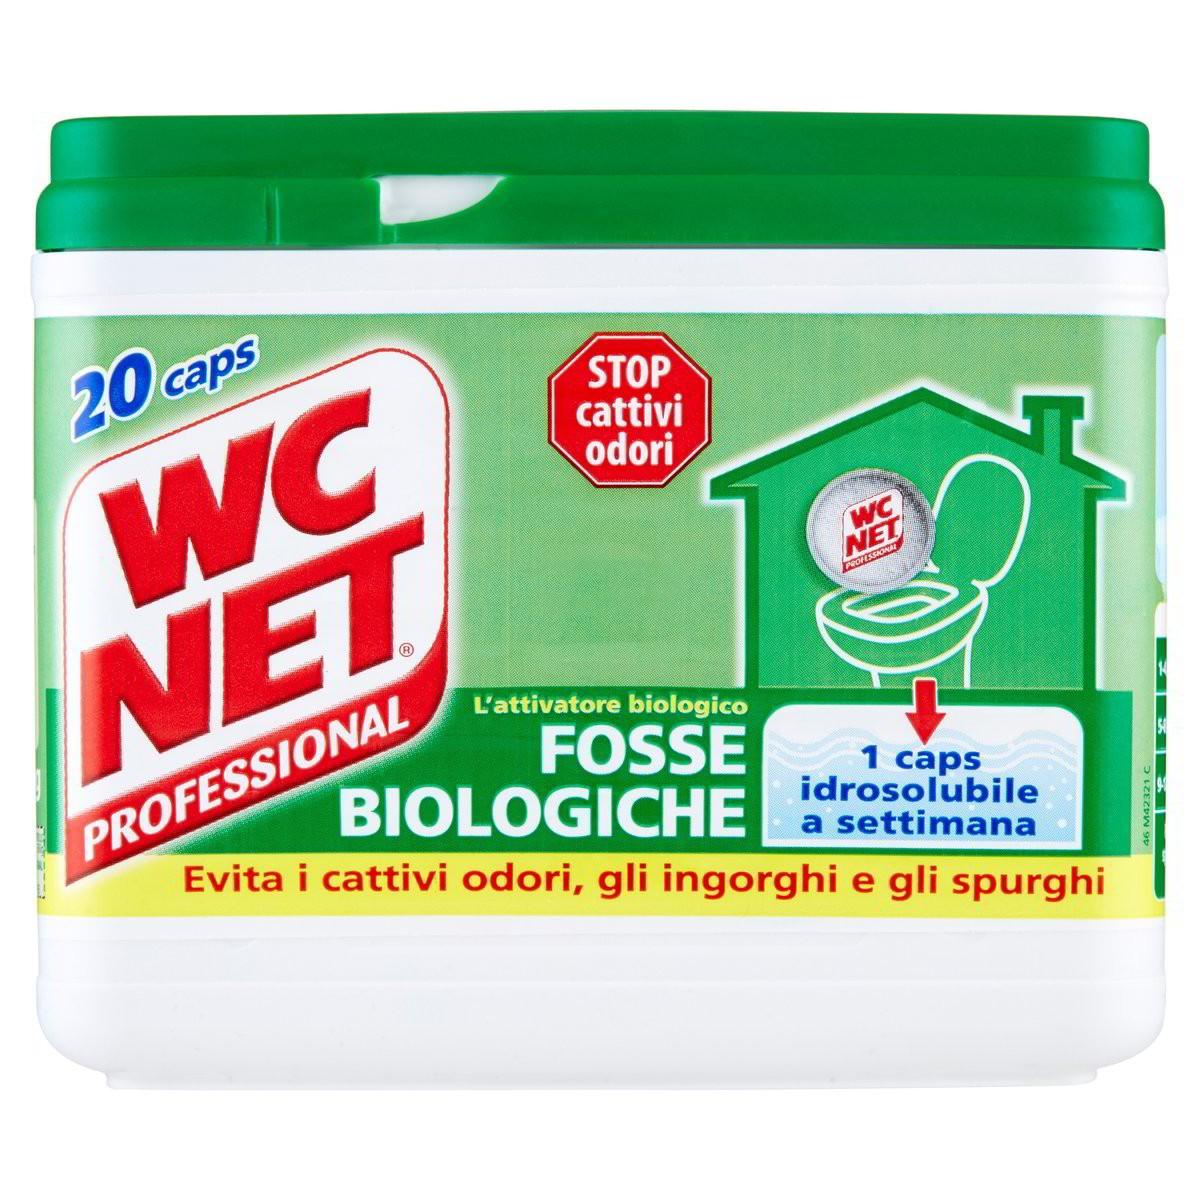 WC net Detergente fosse biologiche